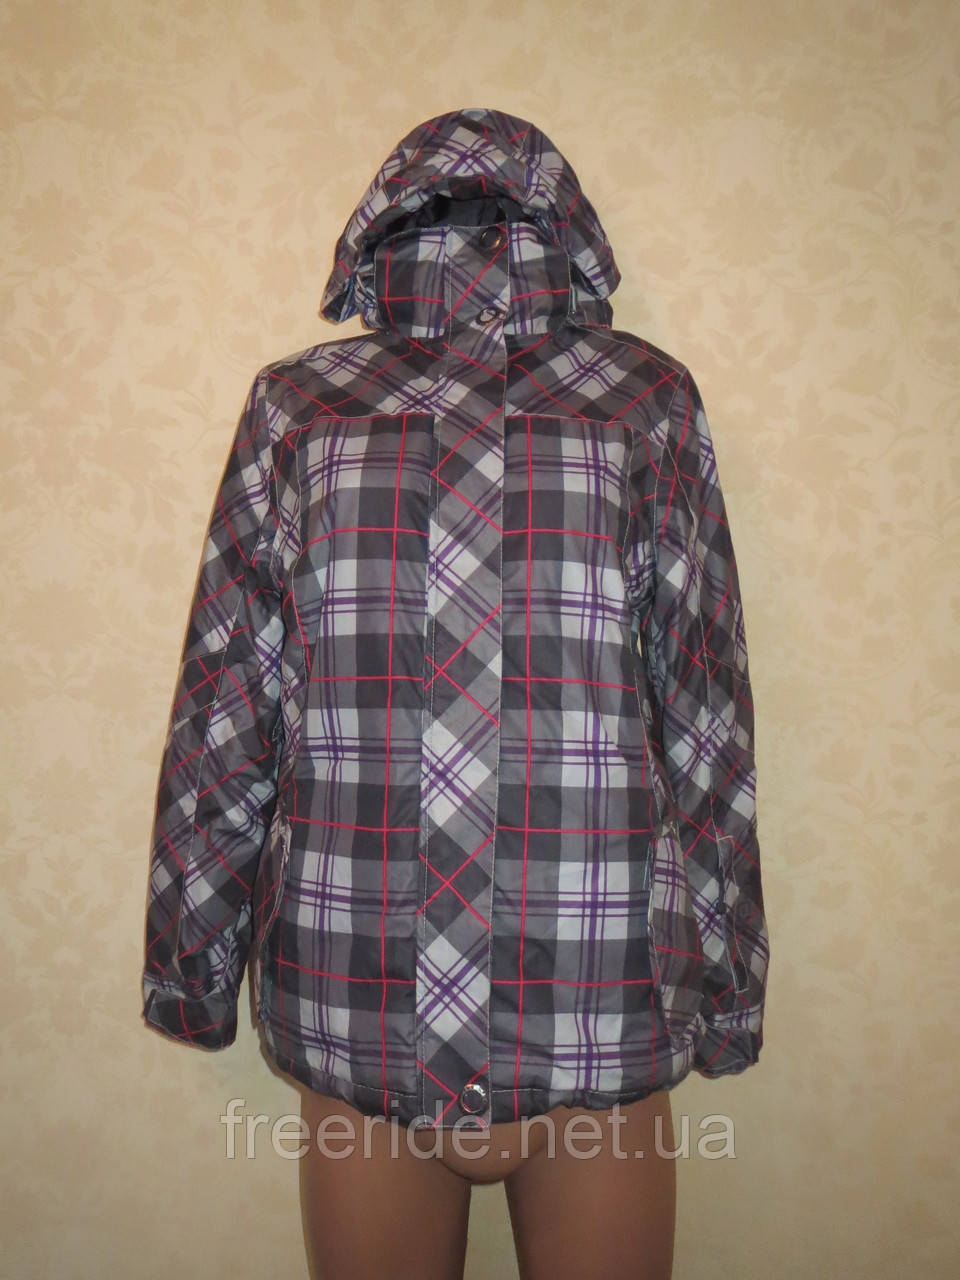 Лыжная куртка SPEX (S)